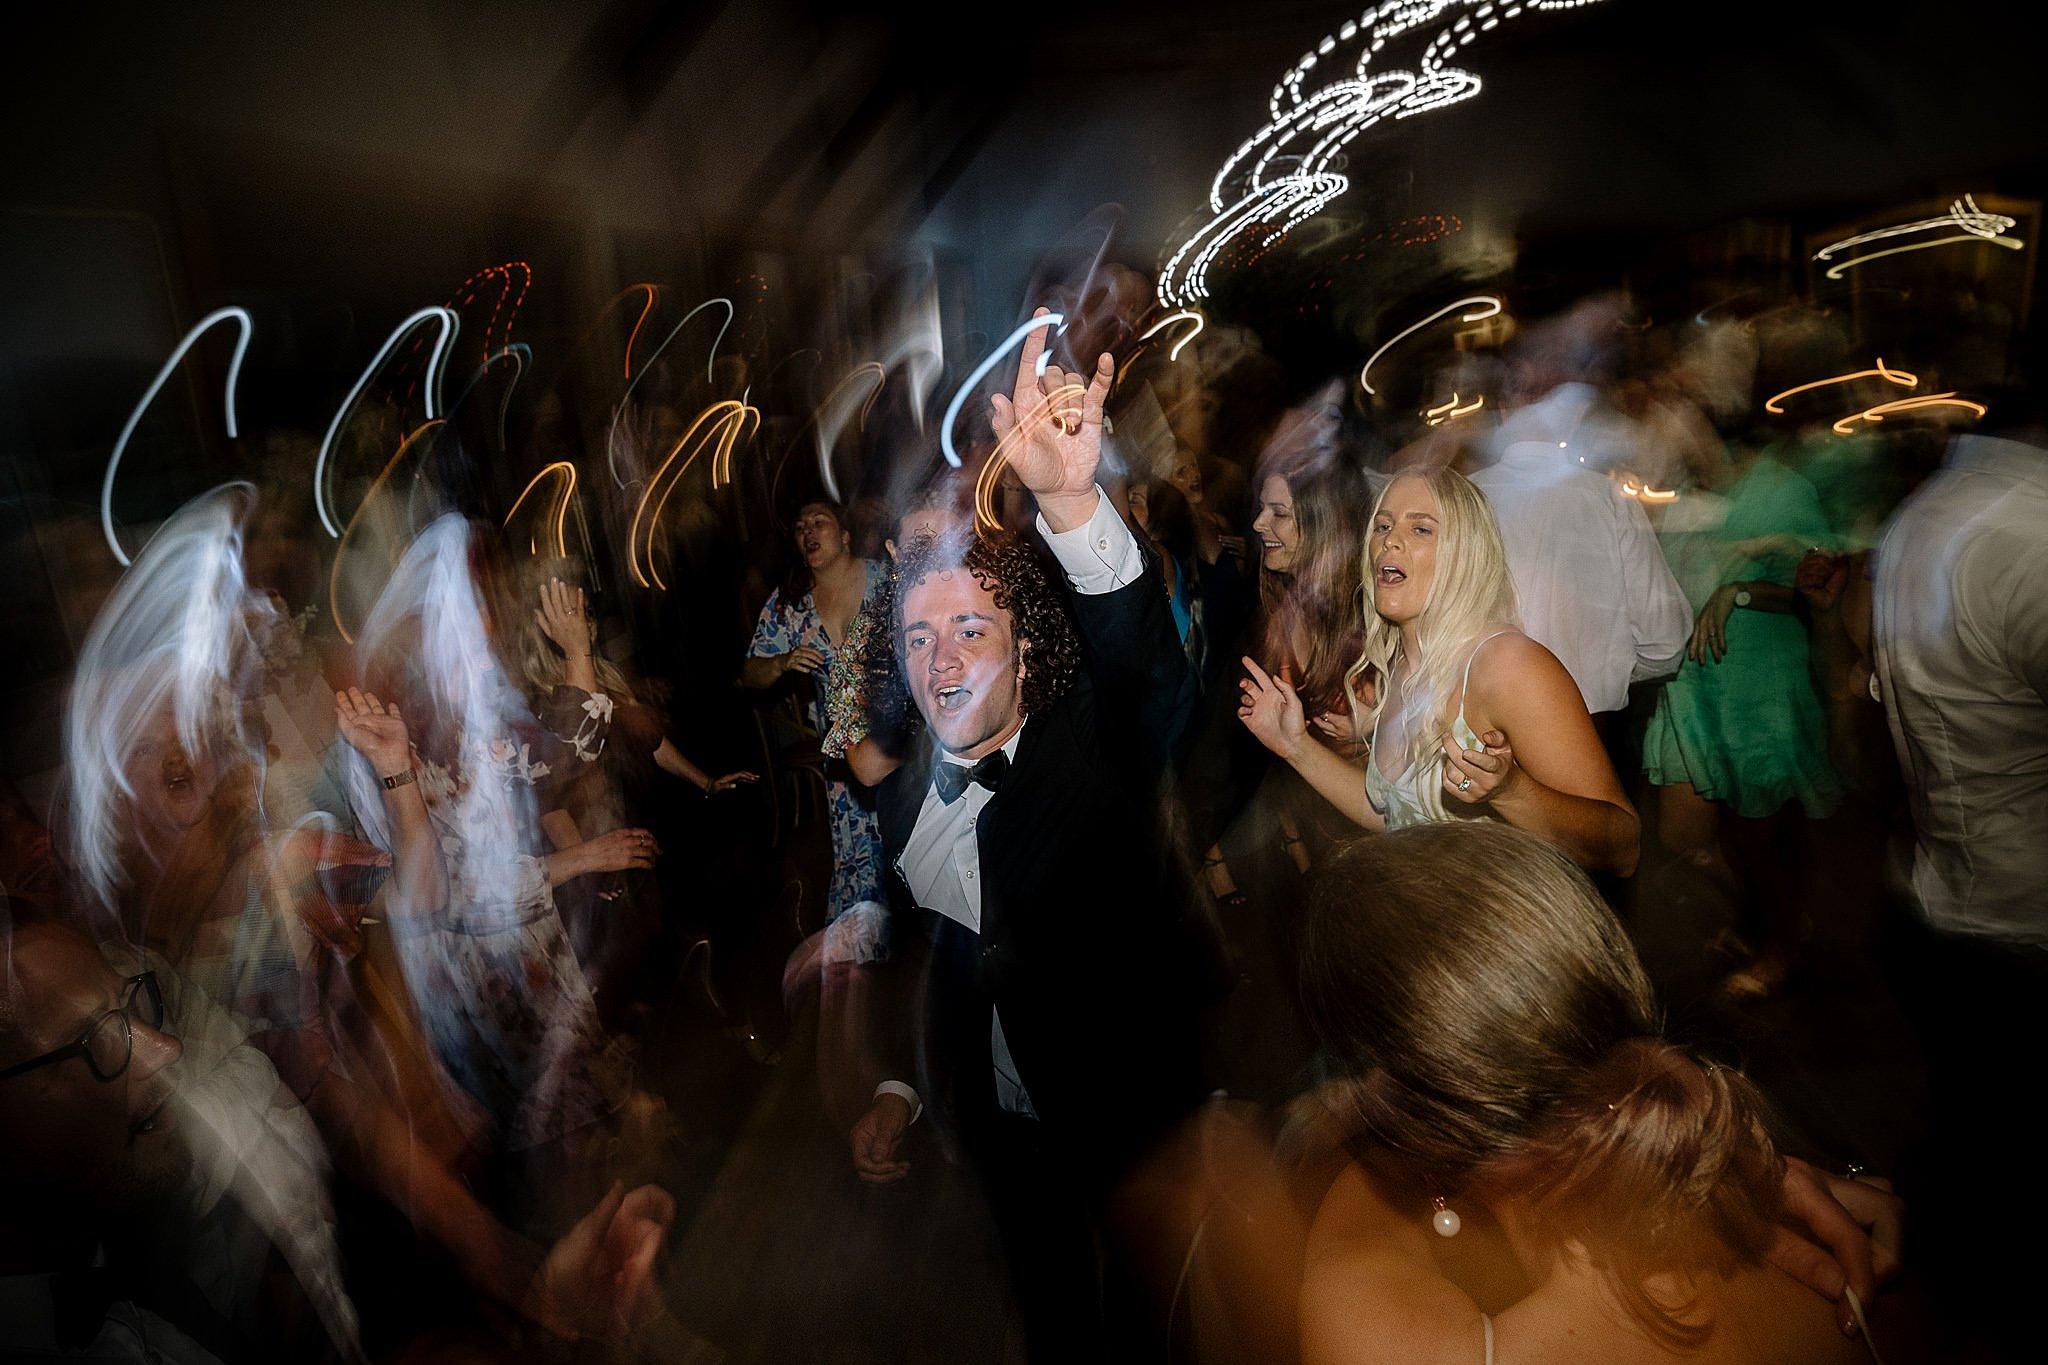 Keepsakephoto by the Keeffes,canberra weddings,Canberra Wedding Photography,Canberra Wedding Photographer,canberra wedding,Bowral Wedding Photographer,Bowral,ACT weddings,ACT wedding photographer,destination wedding,Centennial Vineyards,Southern Highlands,Southern Highlands Wedding,